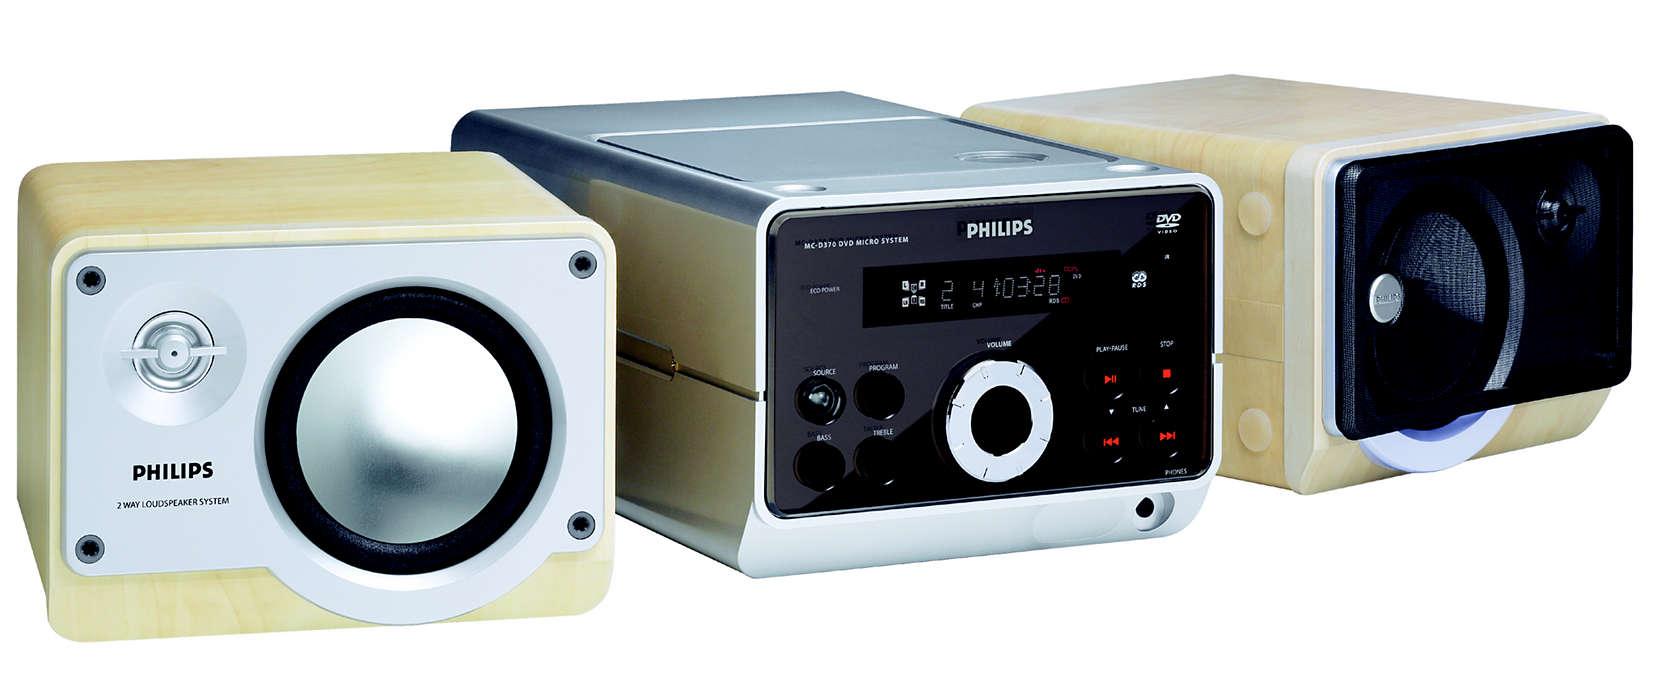 Reprodução de DVD, VCD e CD MP3